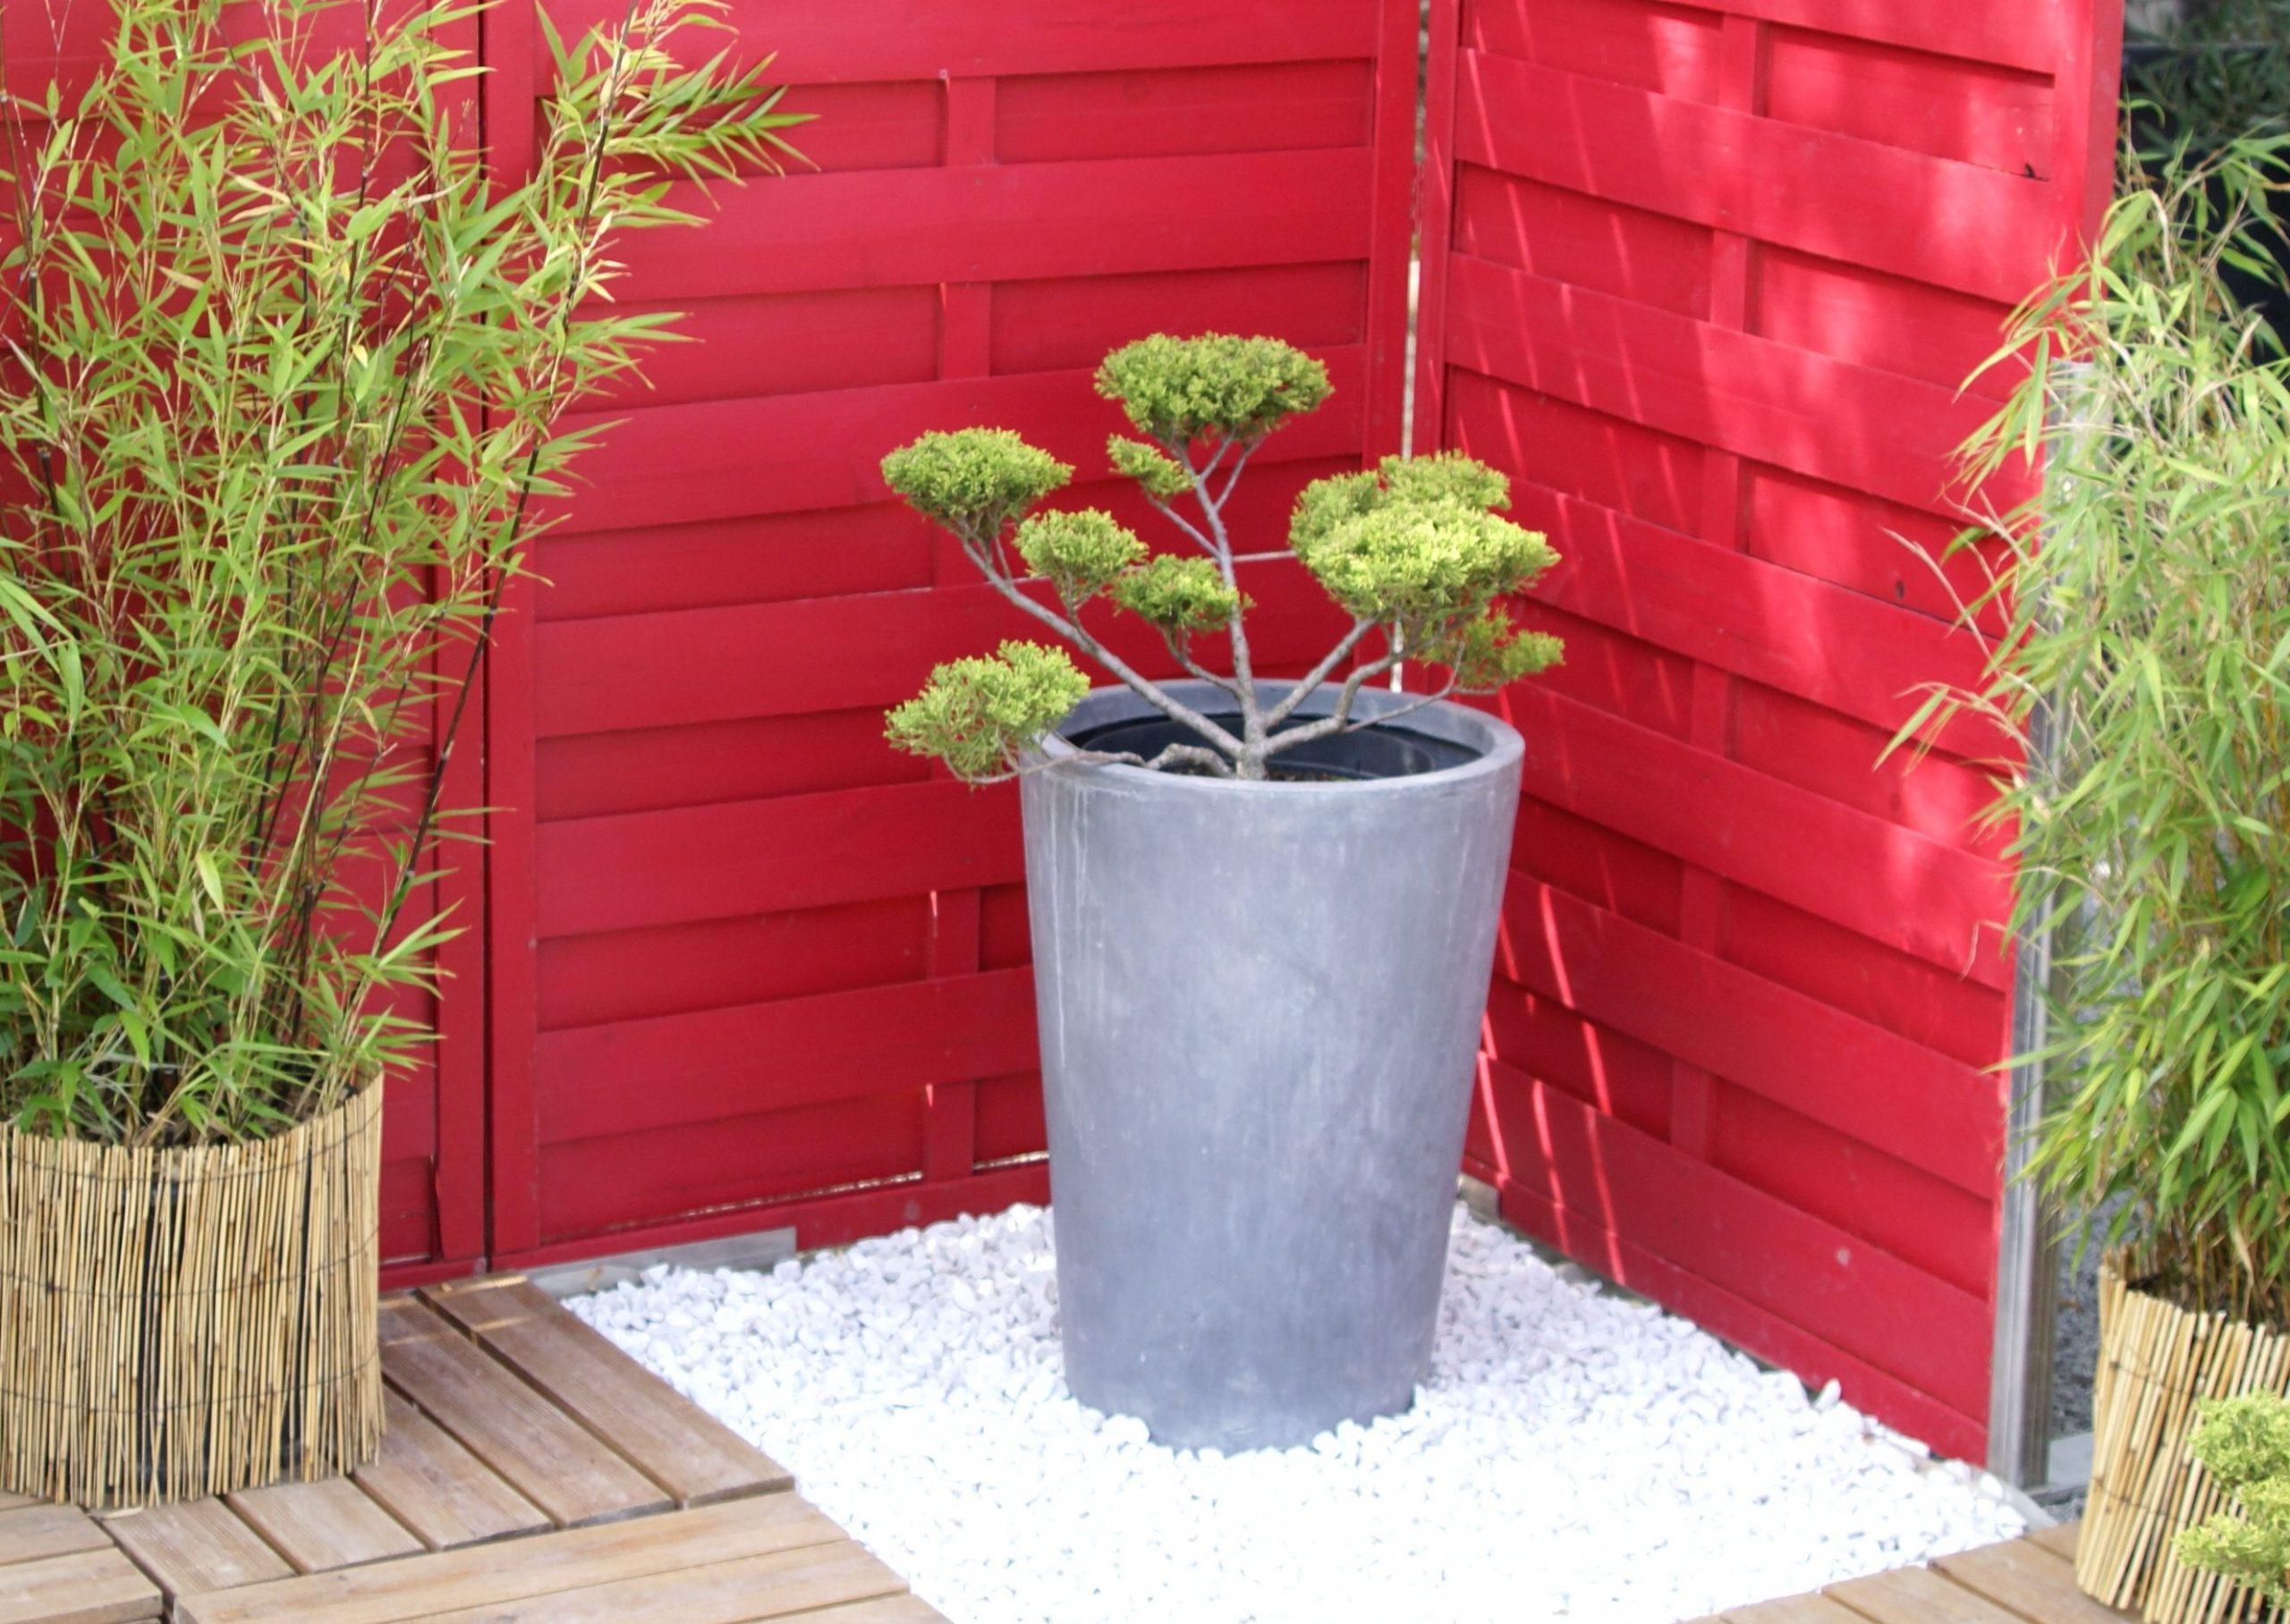 Un Petit Coin Terrasse Japonisant : Arbre À Nuage, Bambou ... intérieur Petit Jardin Japonisant